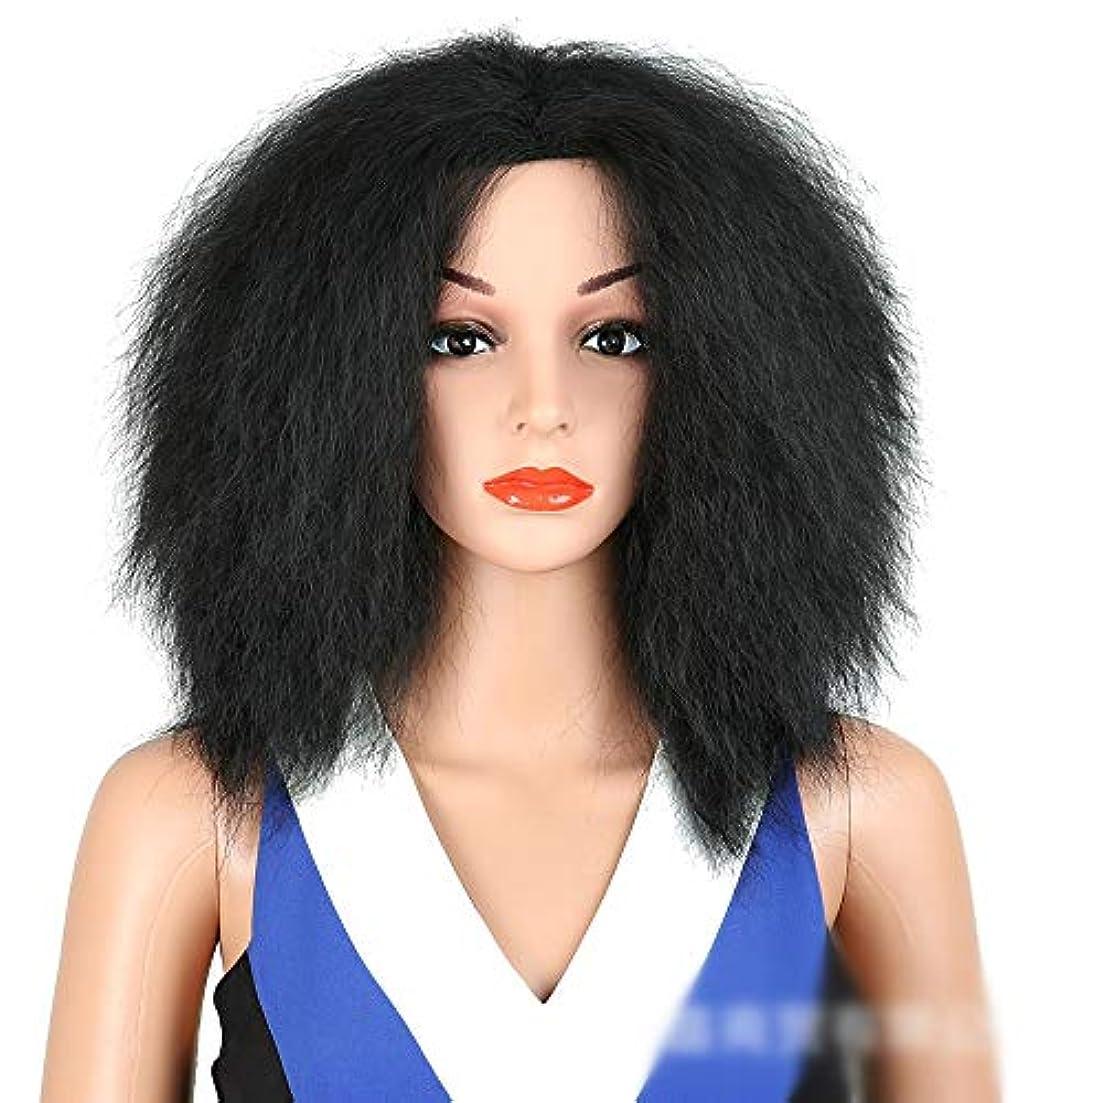 記録恥厄介なWASAIO アフロ変態ストレートヘア黒耐熱合成ミドルアクセサリースタイル交換用繊維パーツふわふわかつら女性 (色 : 黒)